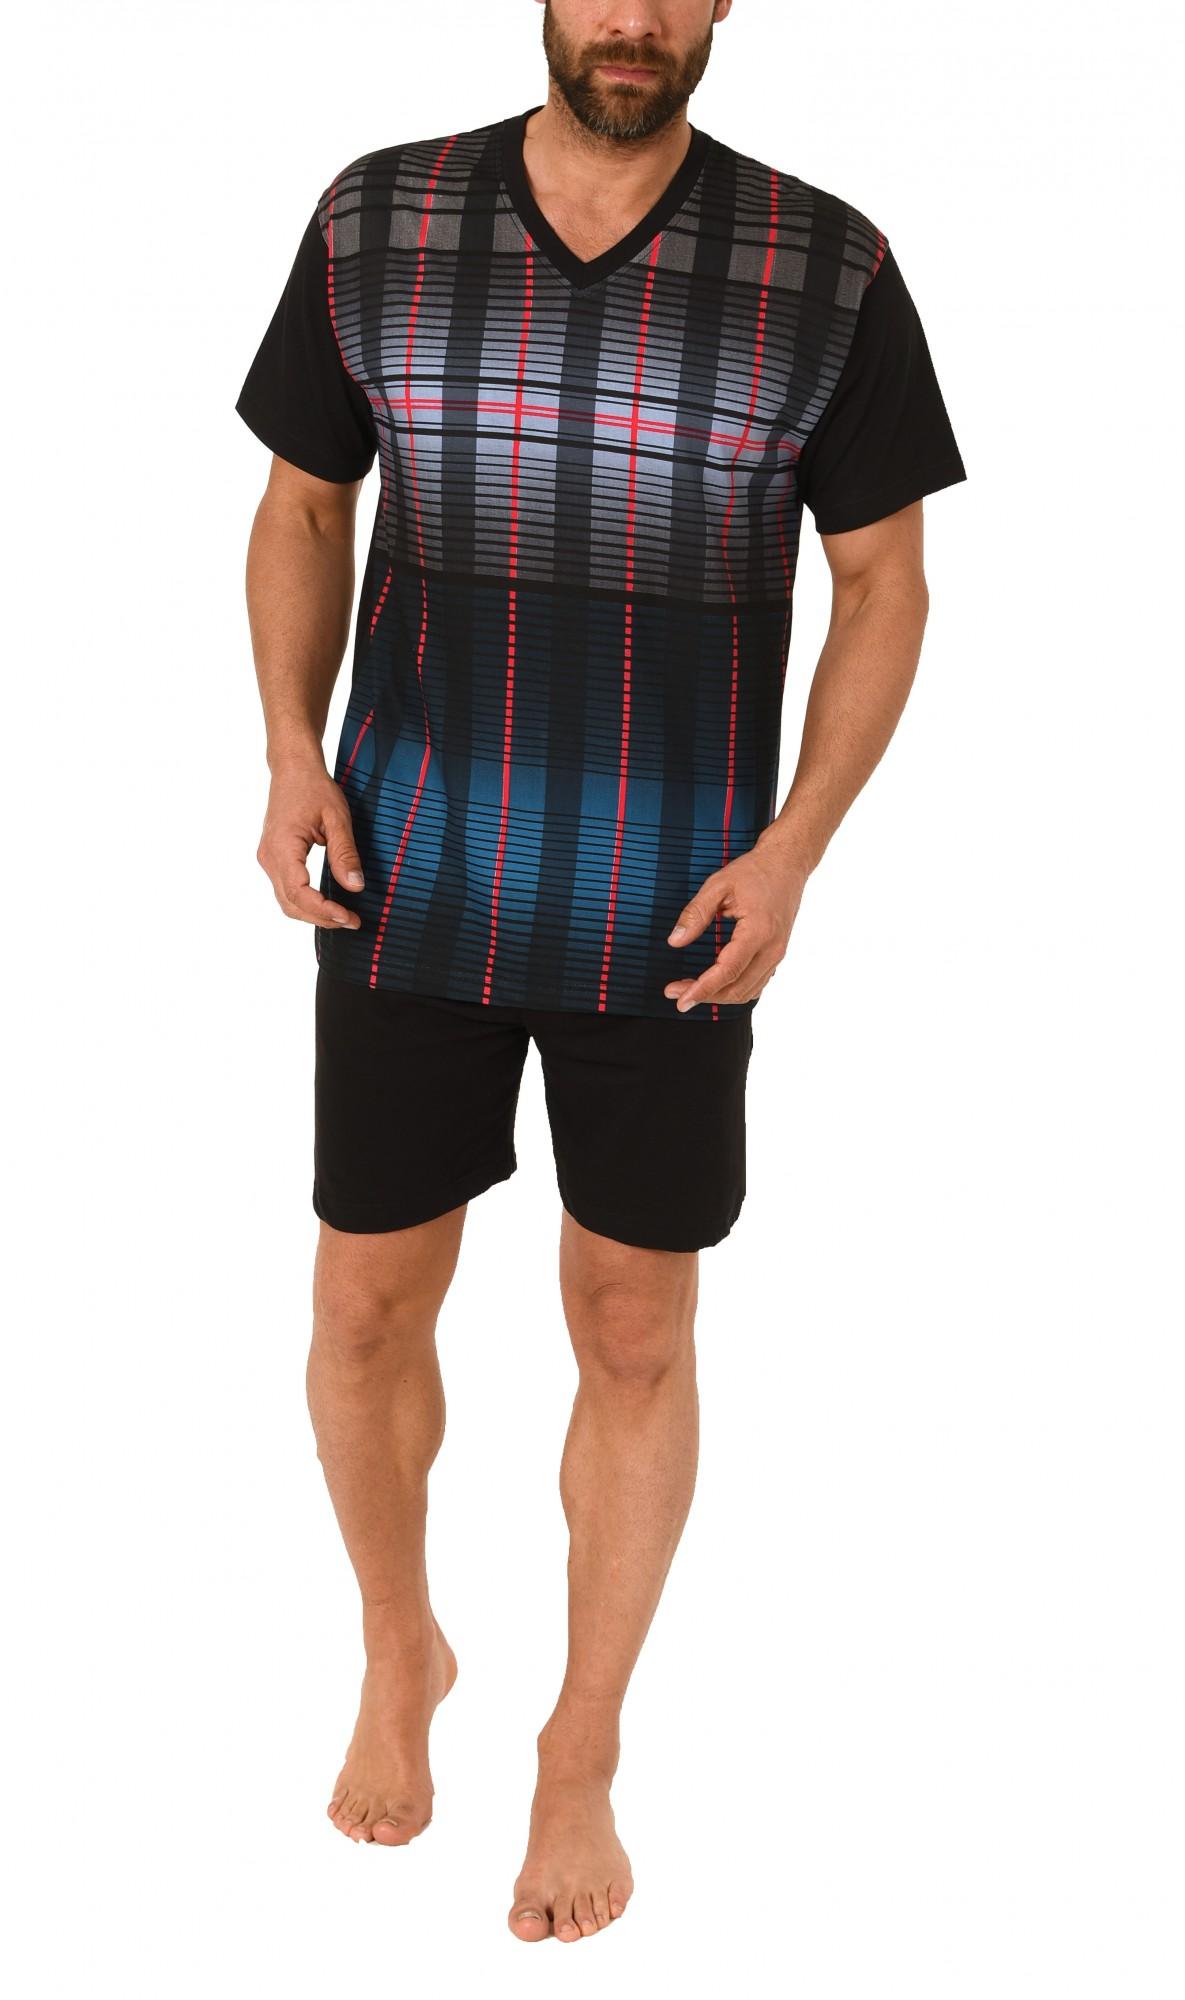 Eleganter Herren Shorty Pyjama Schlafanzug kurzarm – 60634 – Bild 1